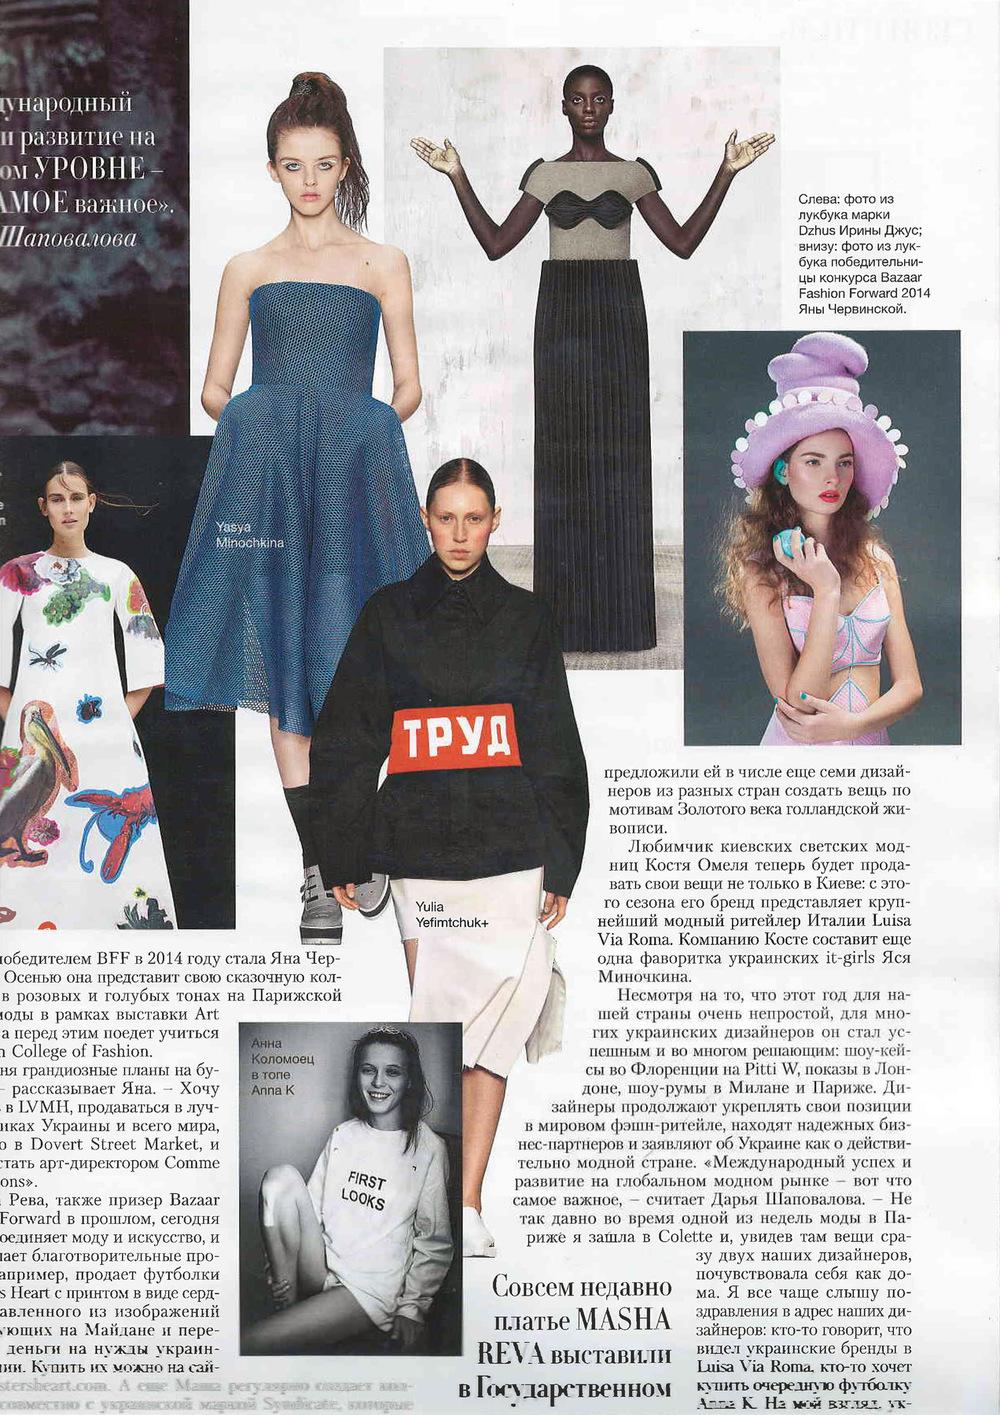 DZHUS - Harpers Bazaar Ukraine